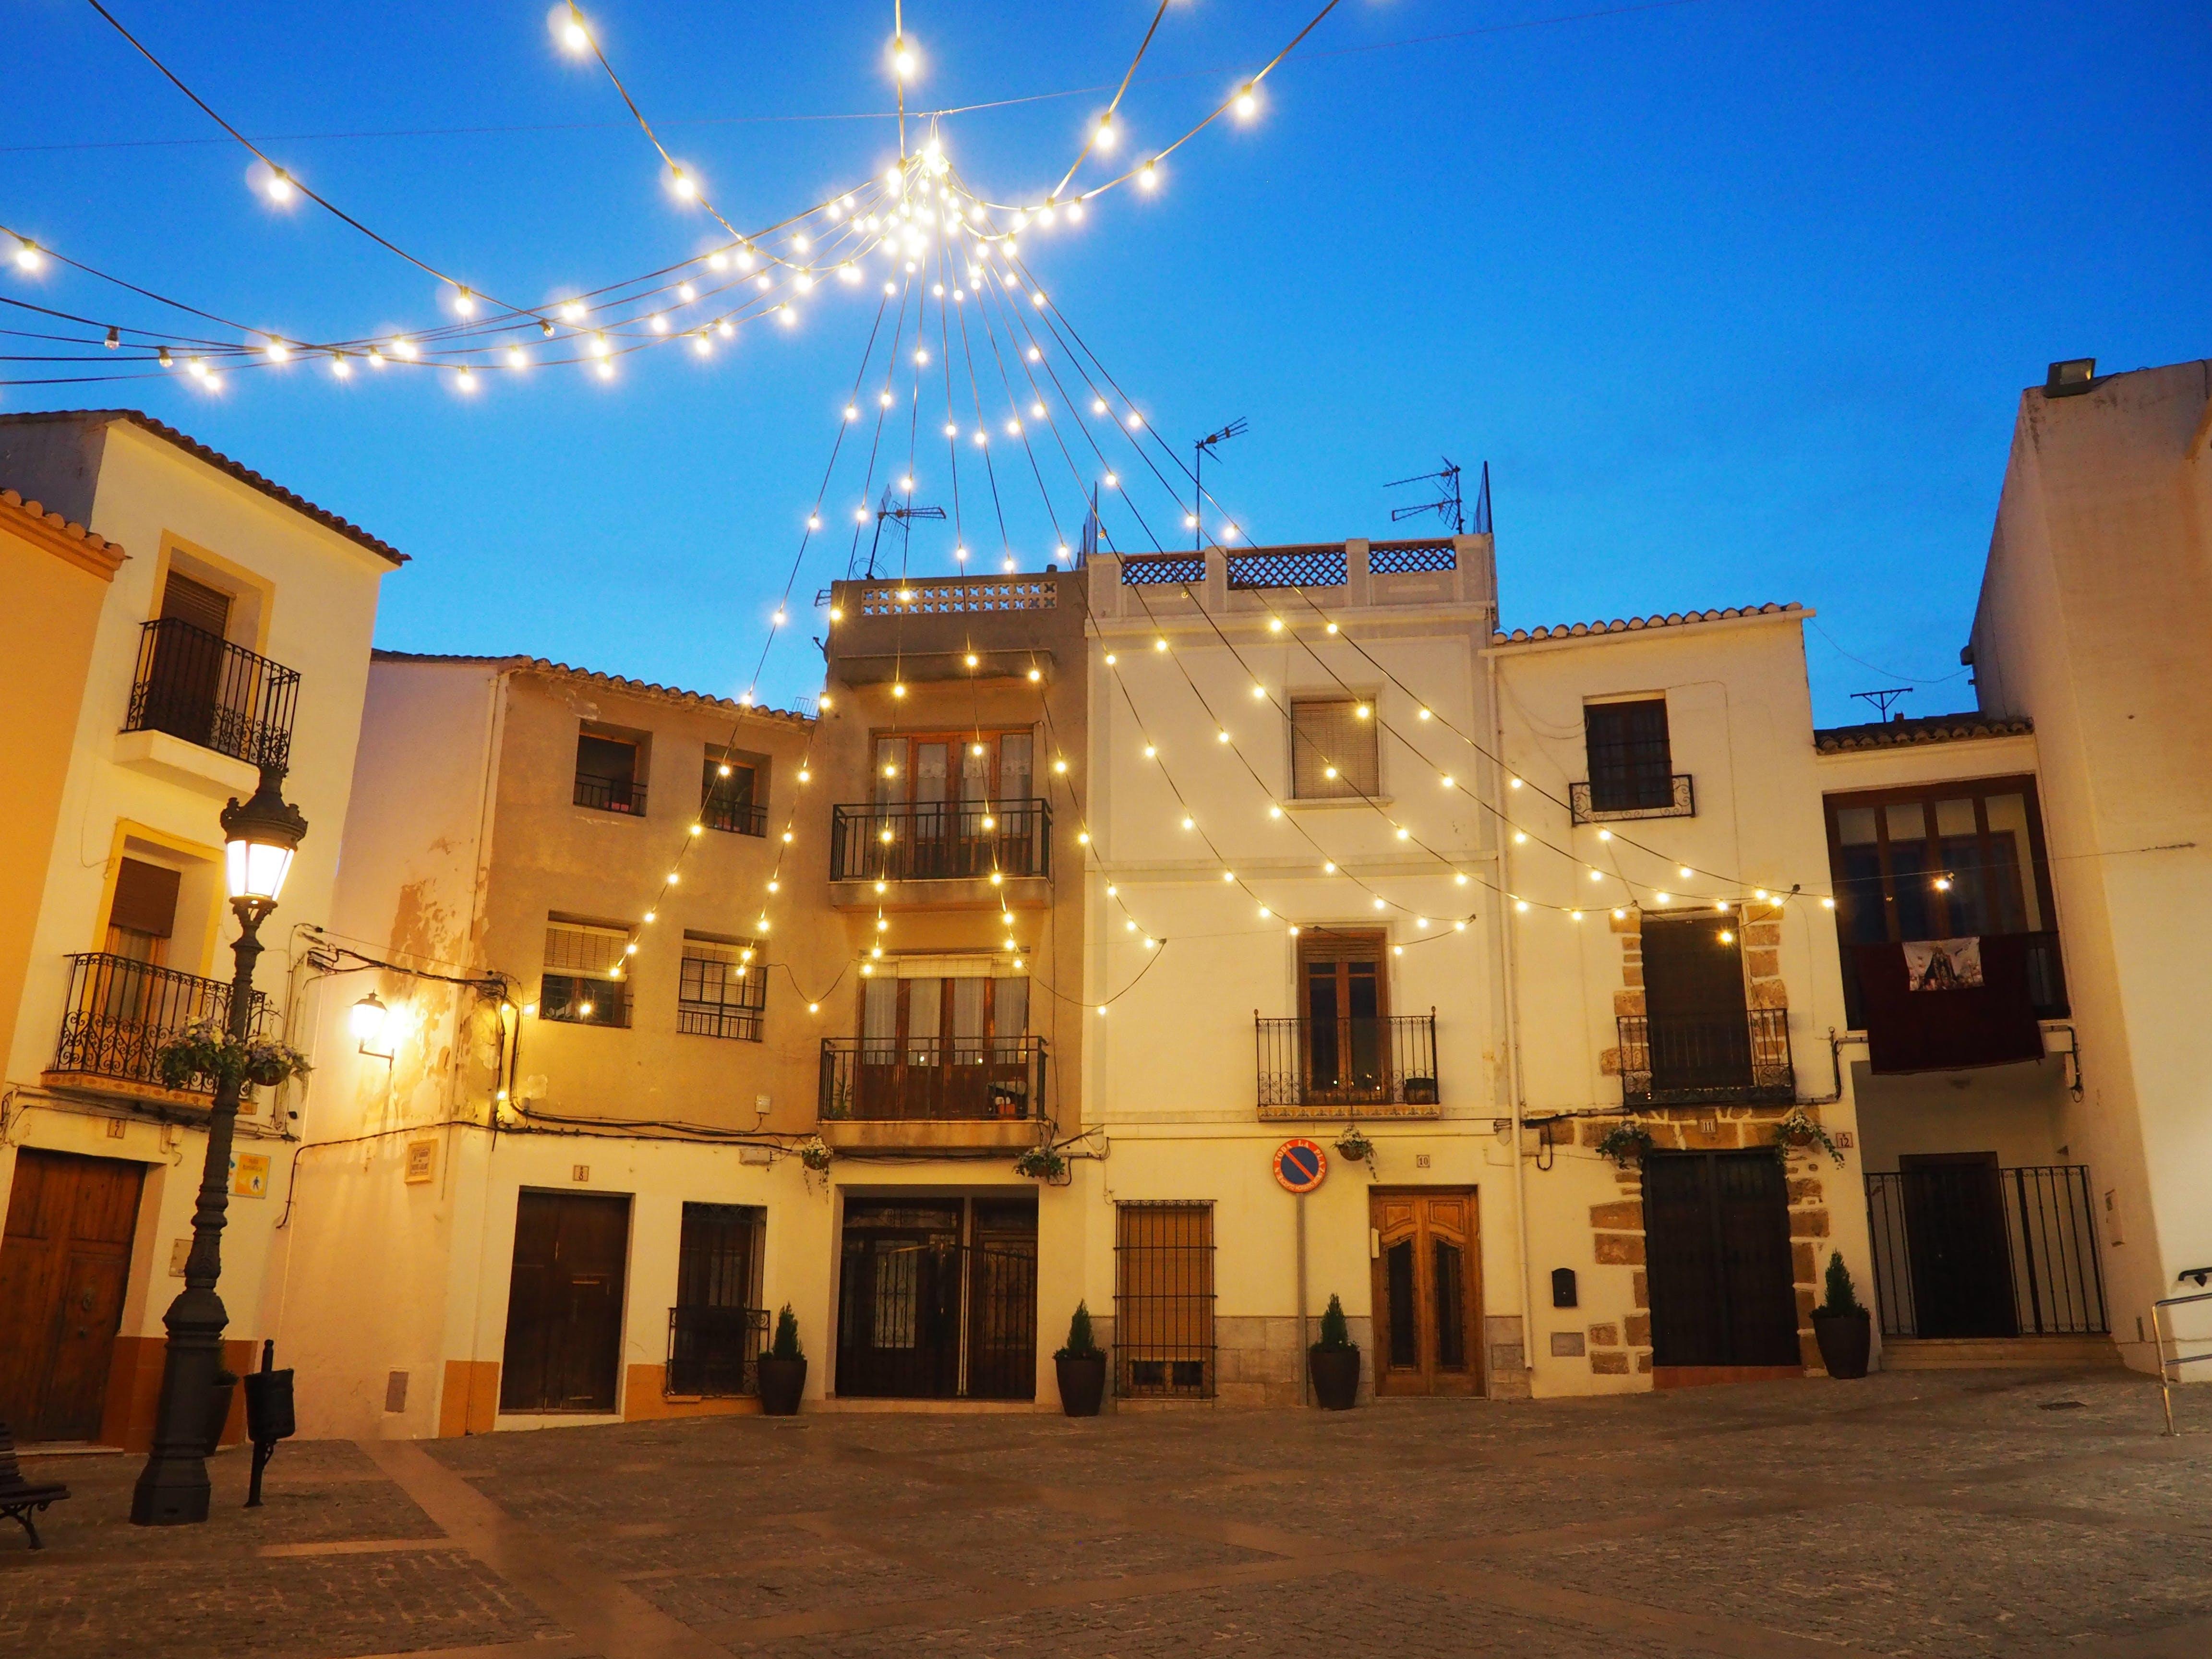 Δωρεάν στοκ φωτογραφιών με calpe, placa de la villa, Ισπανία, φώτα